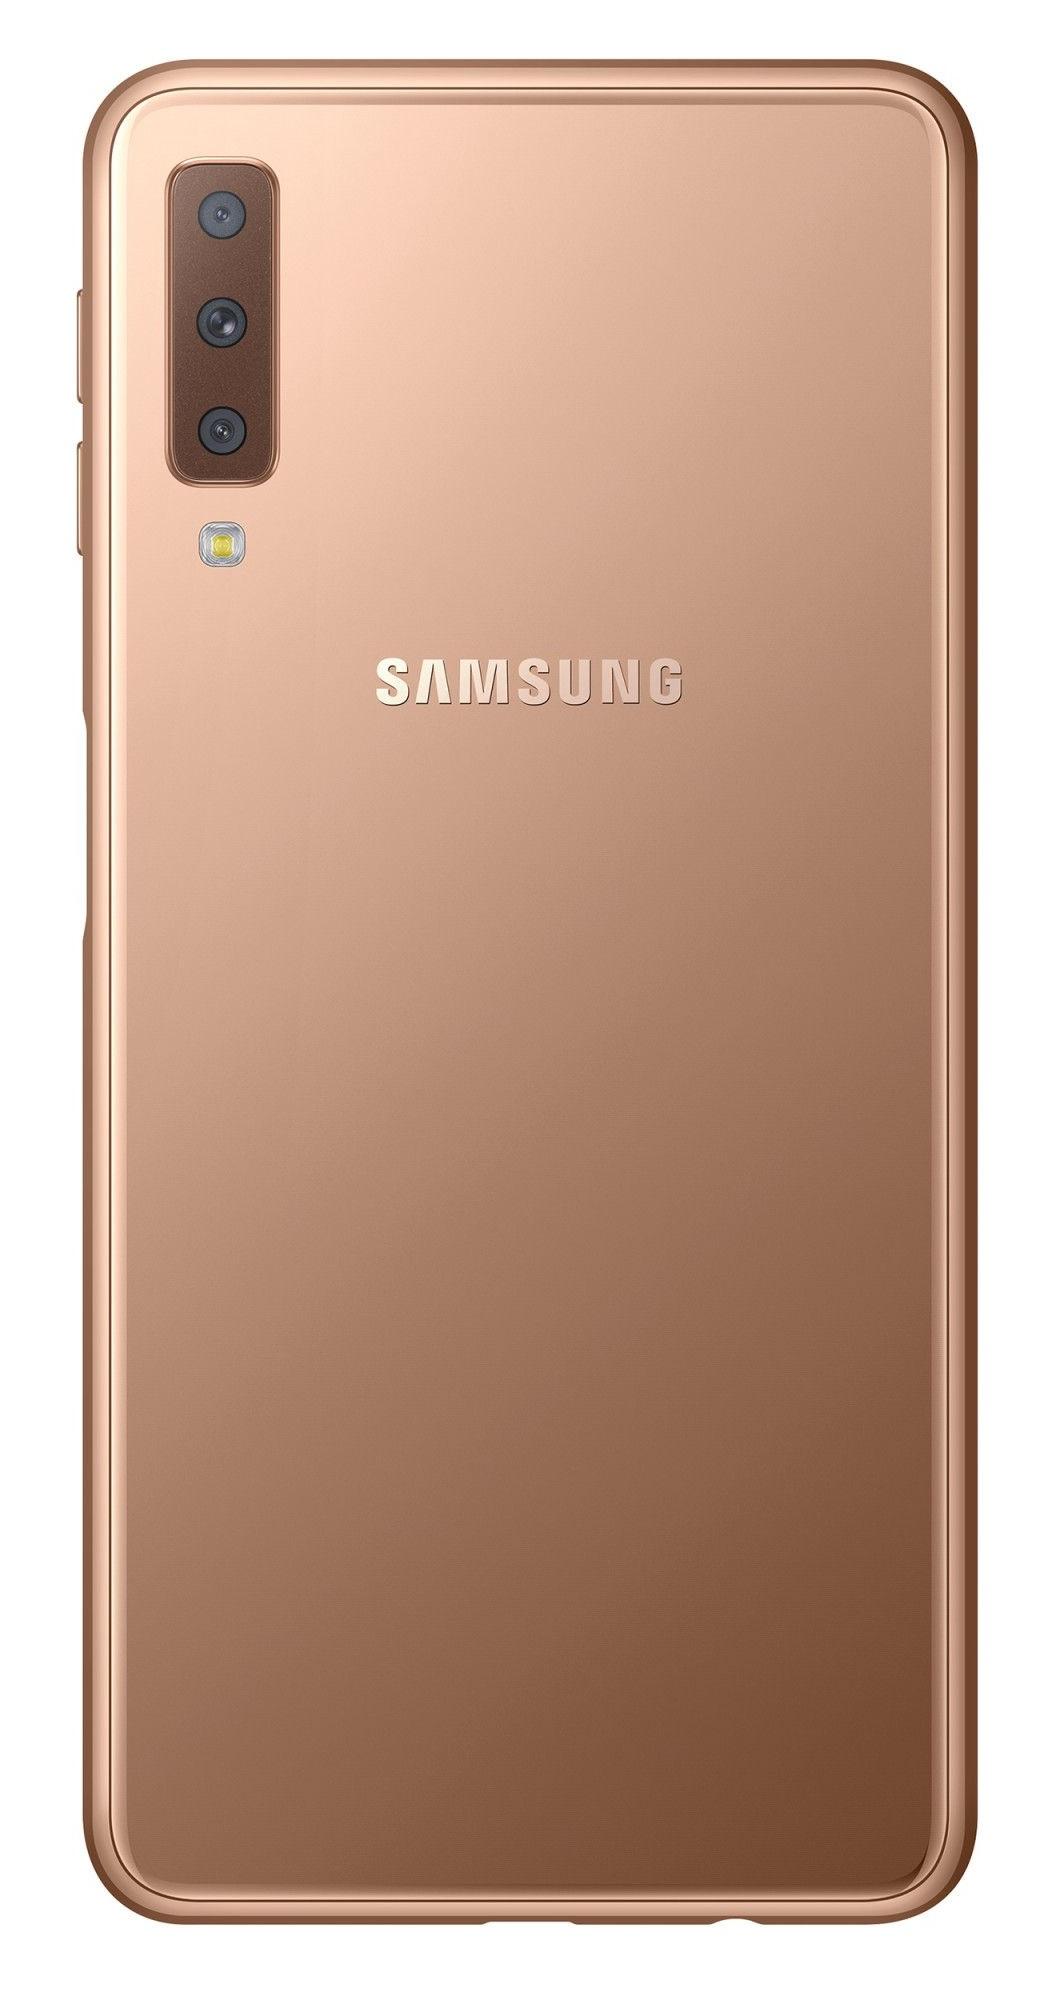 Samsung Galaxy A7 2018 (SM-A750F) Dual Sim Gold